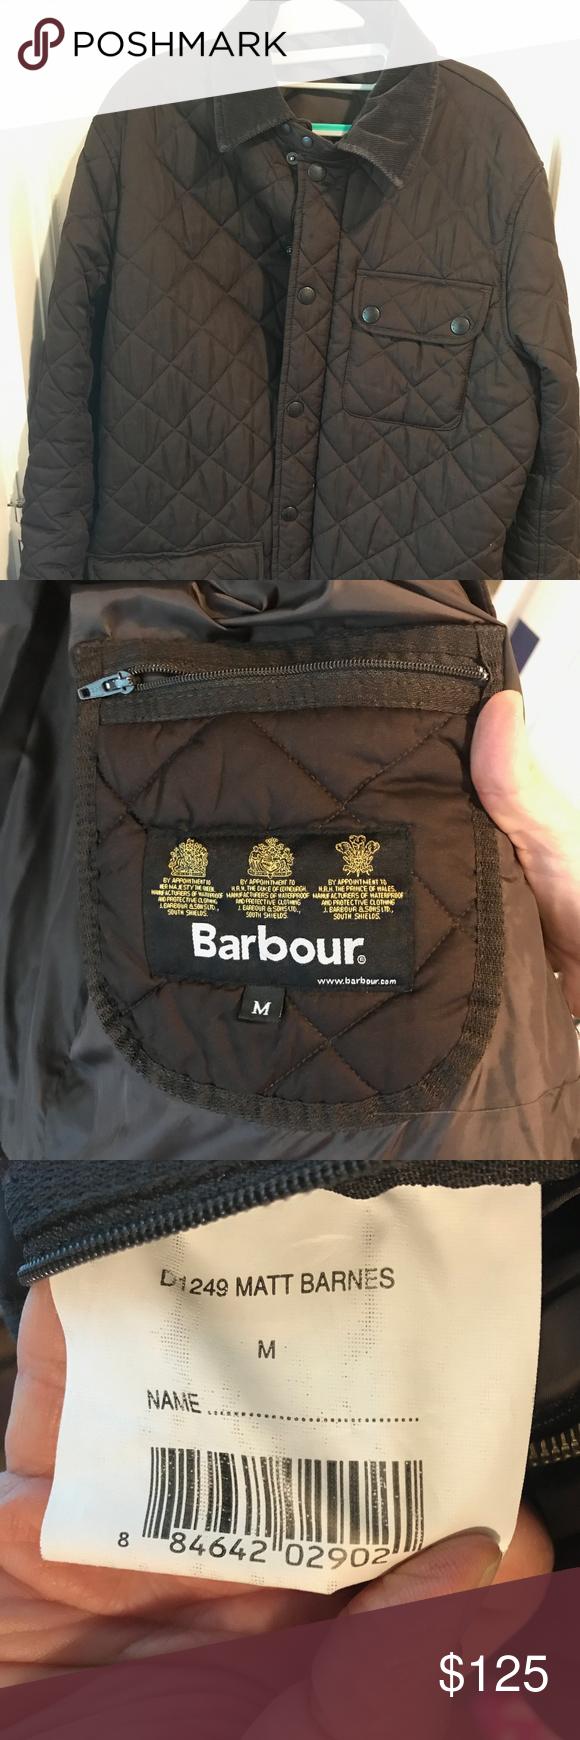 Mens Barbour Jacket - Matt Barnes style - size M | Barbour ...